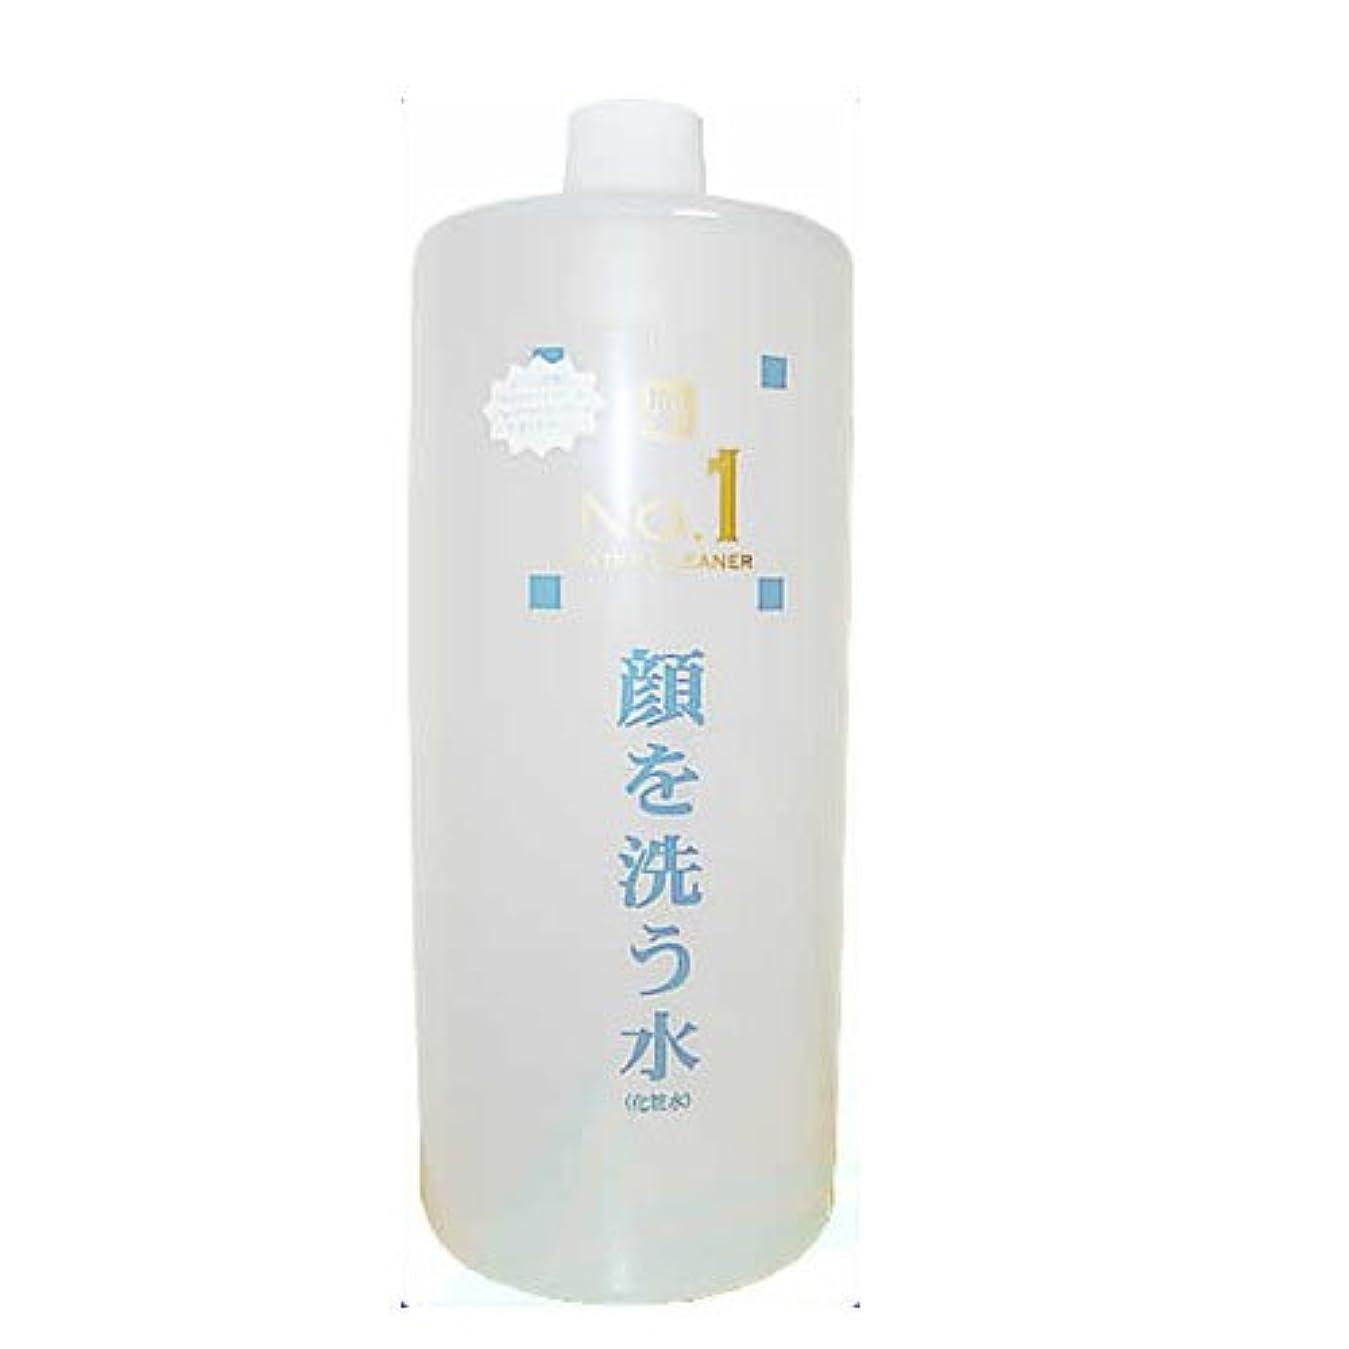 パンチ補助金液化する顔を洗う水シリーズ No.1 500ml